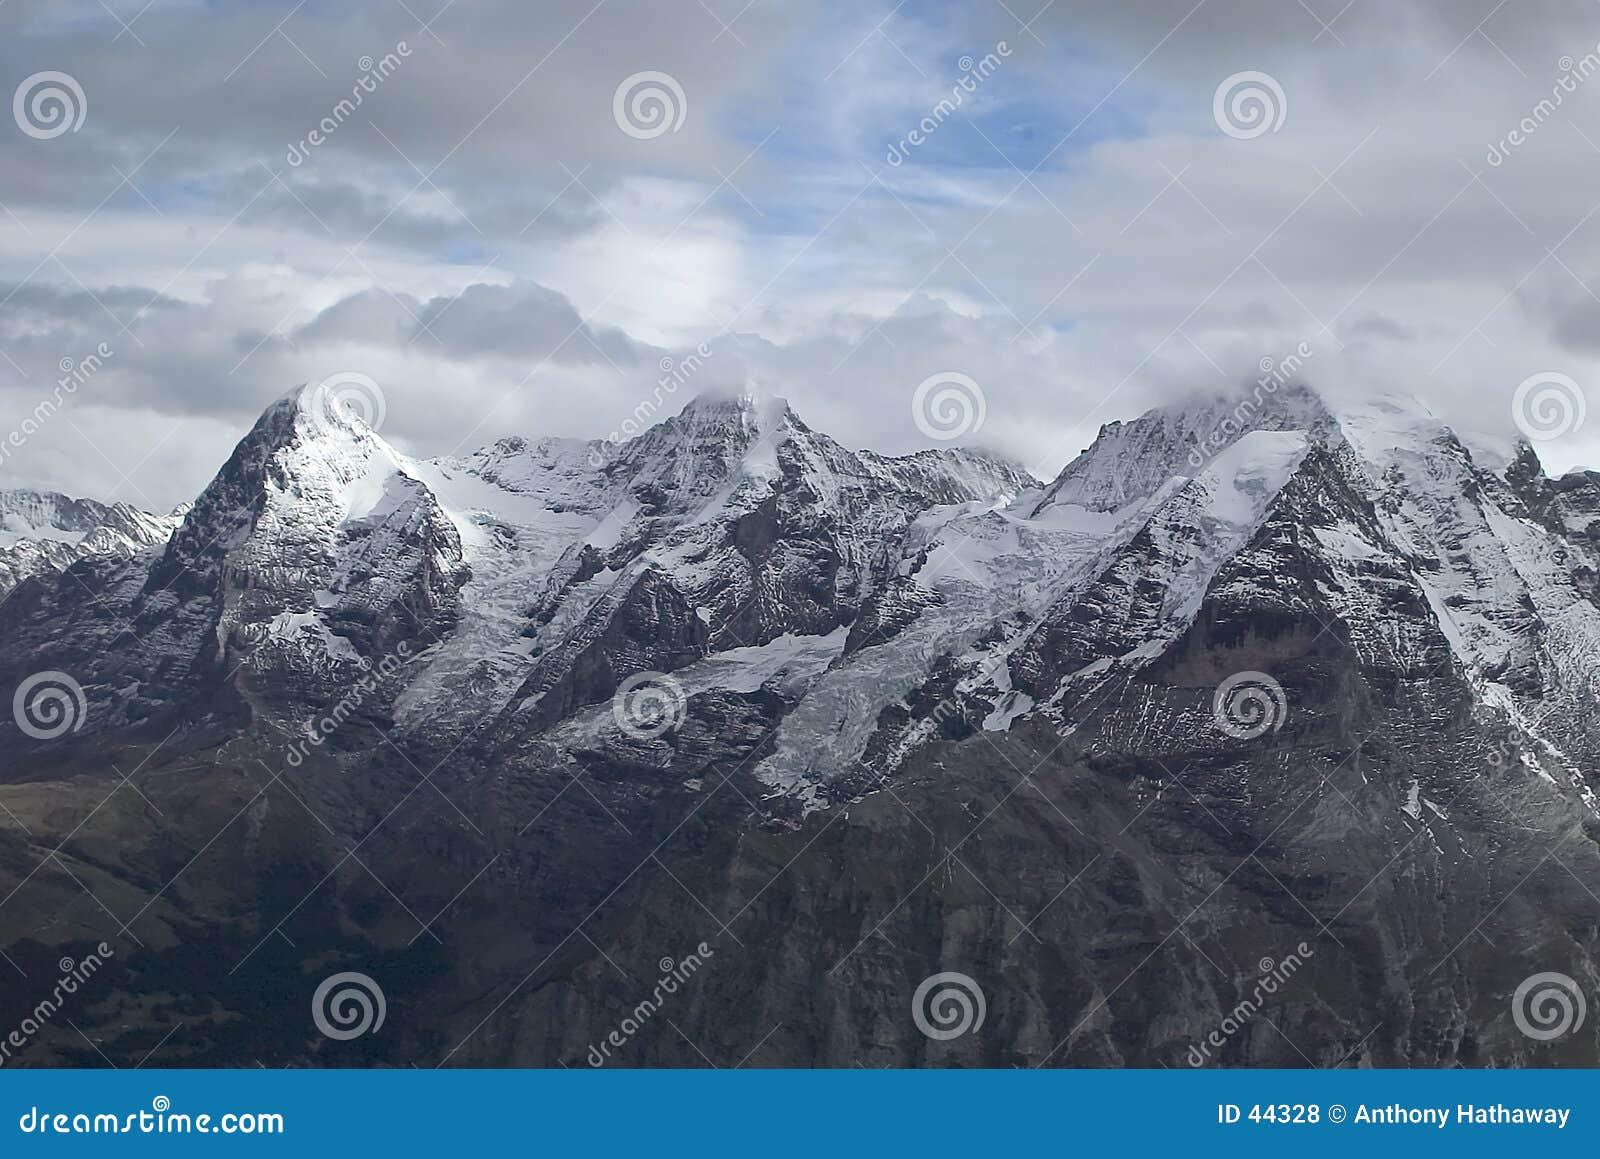 высокогорные горы